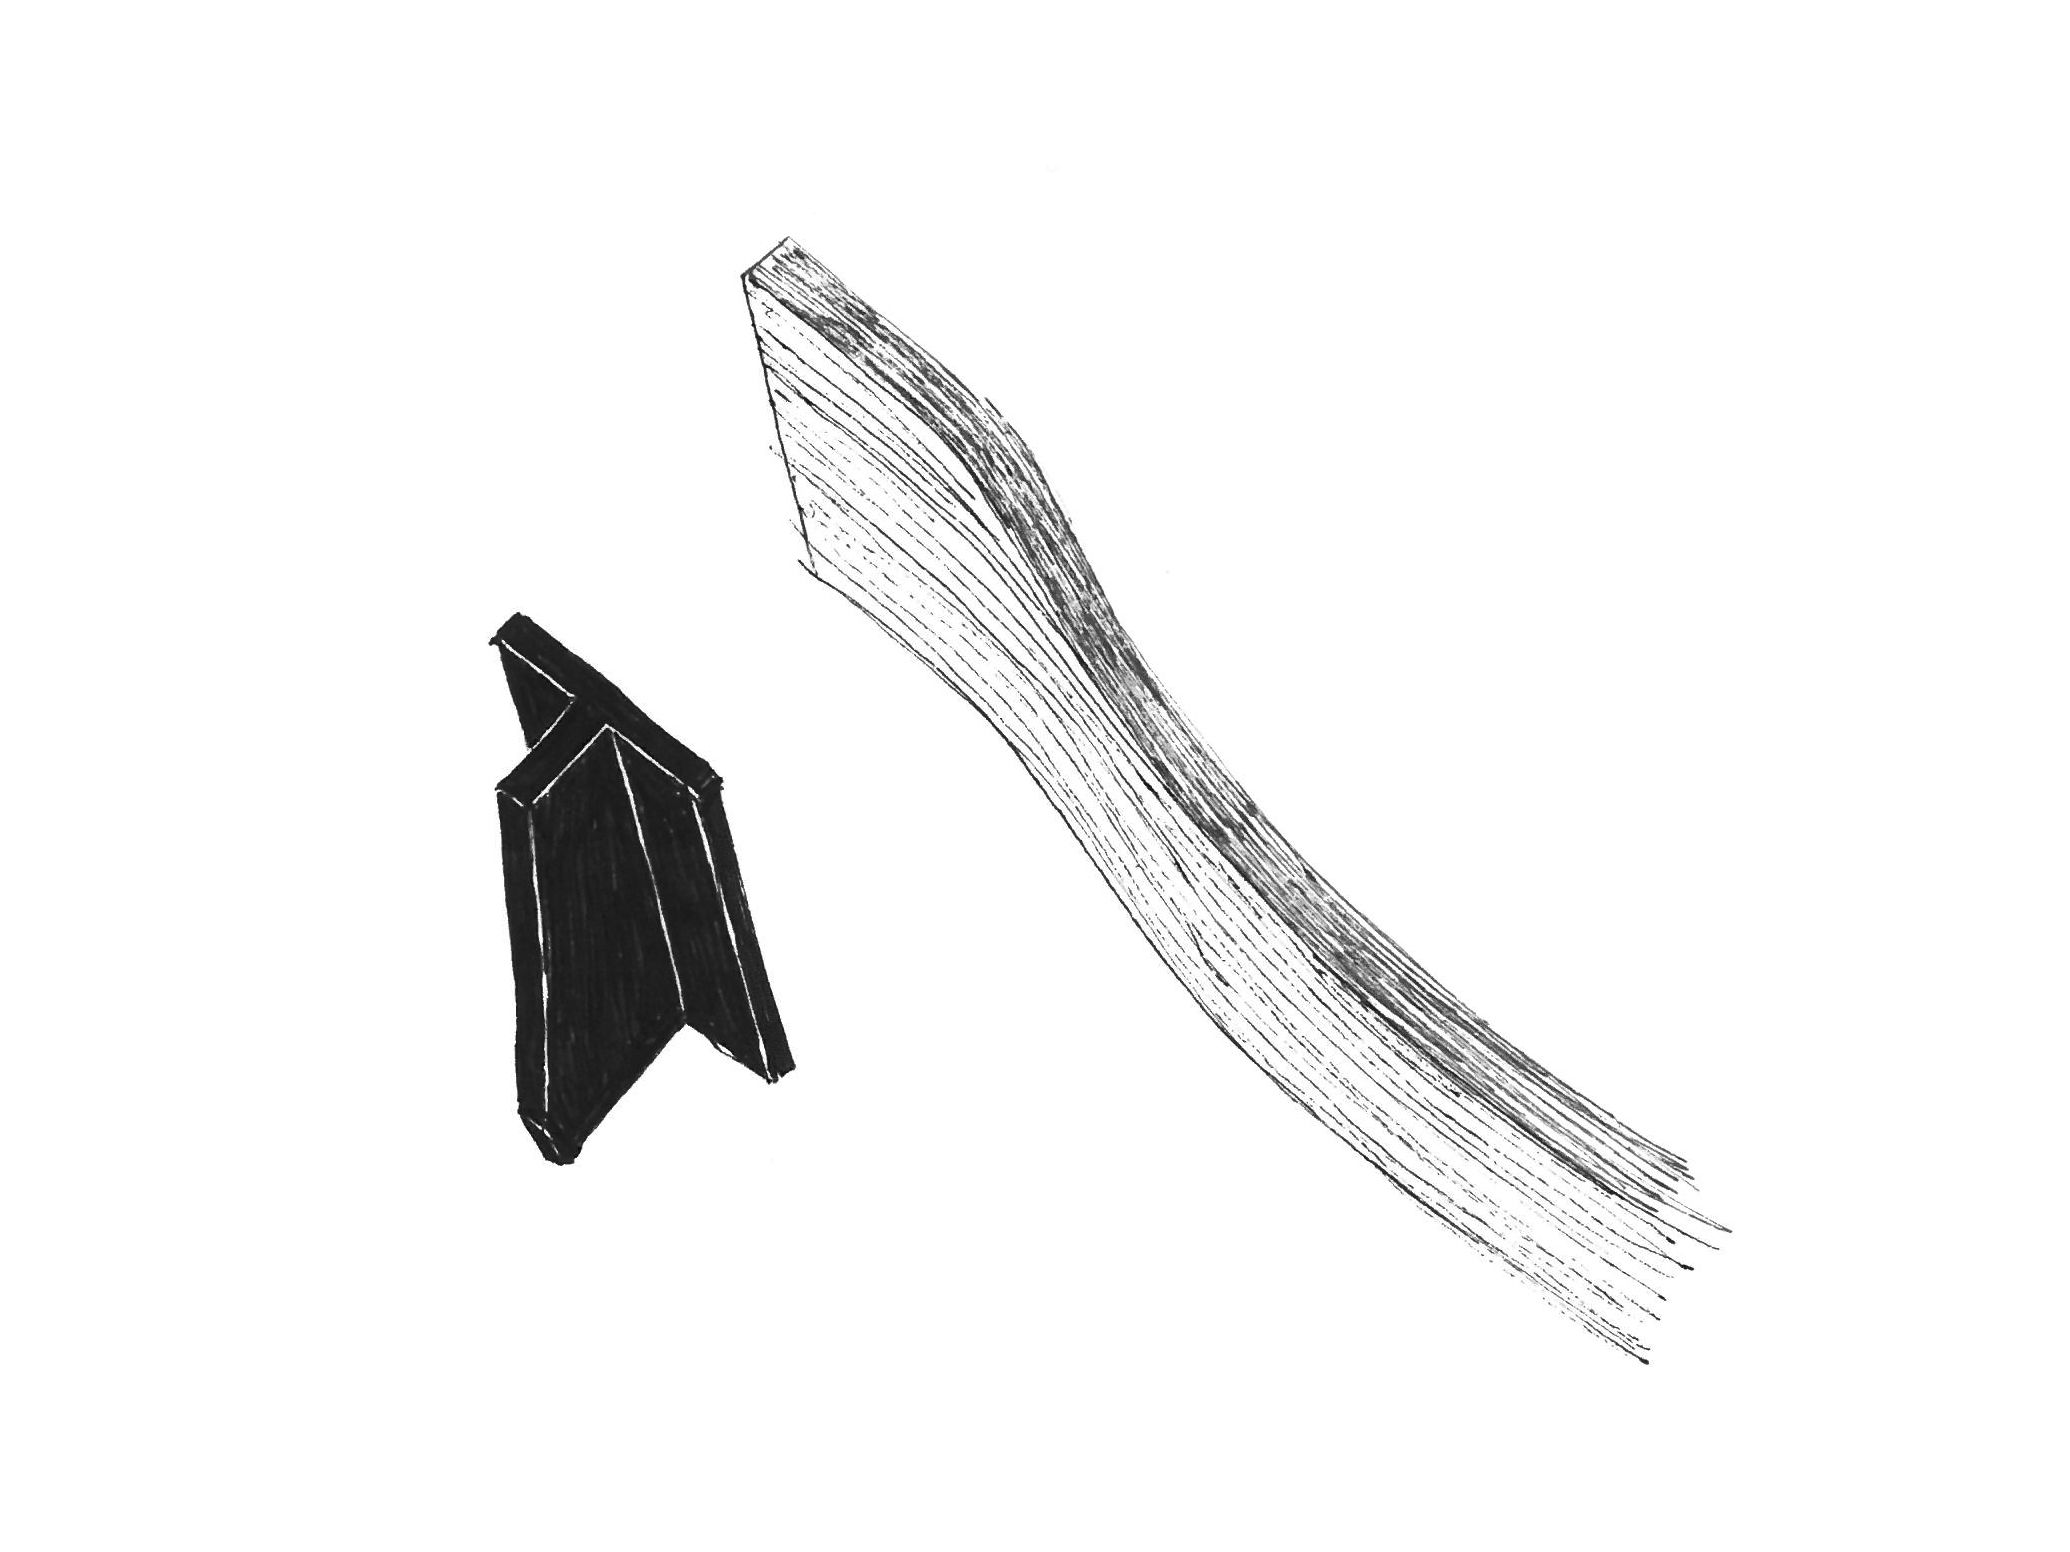 Les profilés en aluminium en T renforcent l'assise en contreplaqué et permettent aux pieds en bois massif de s'y verrouiller.